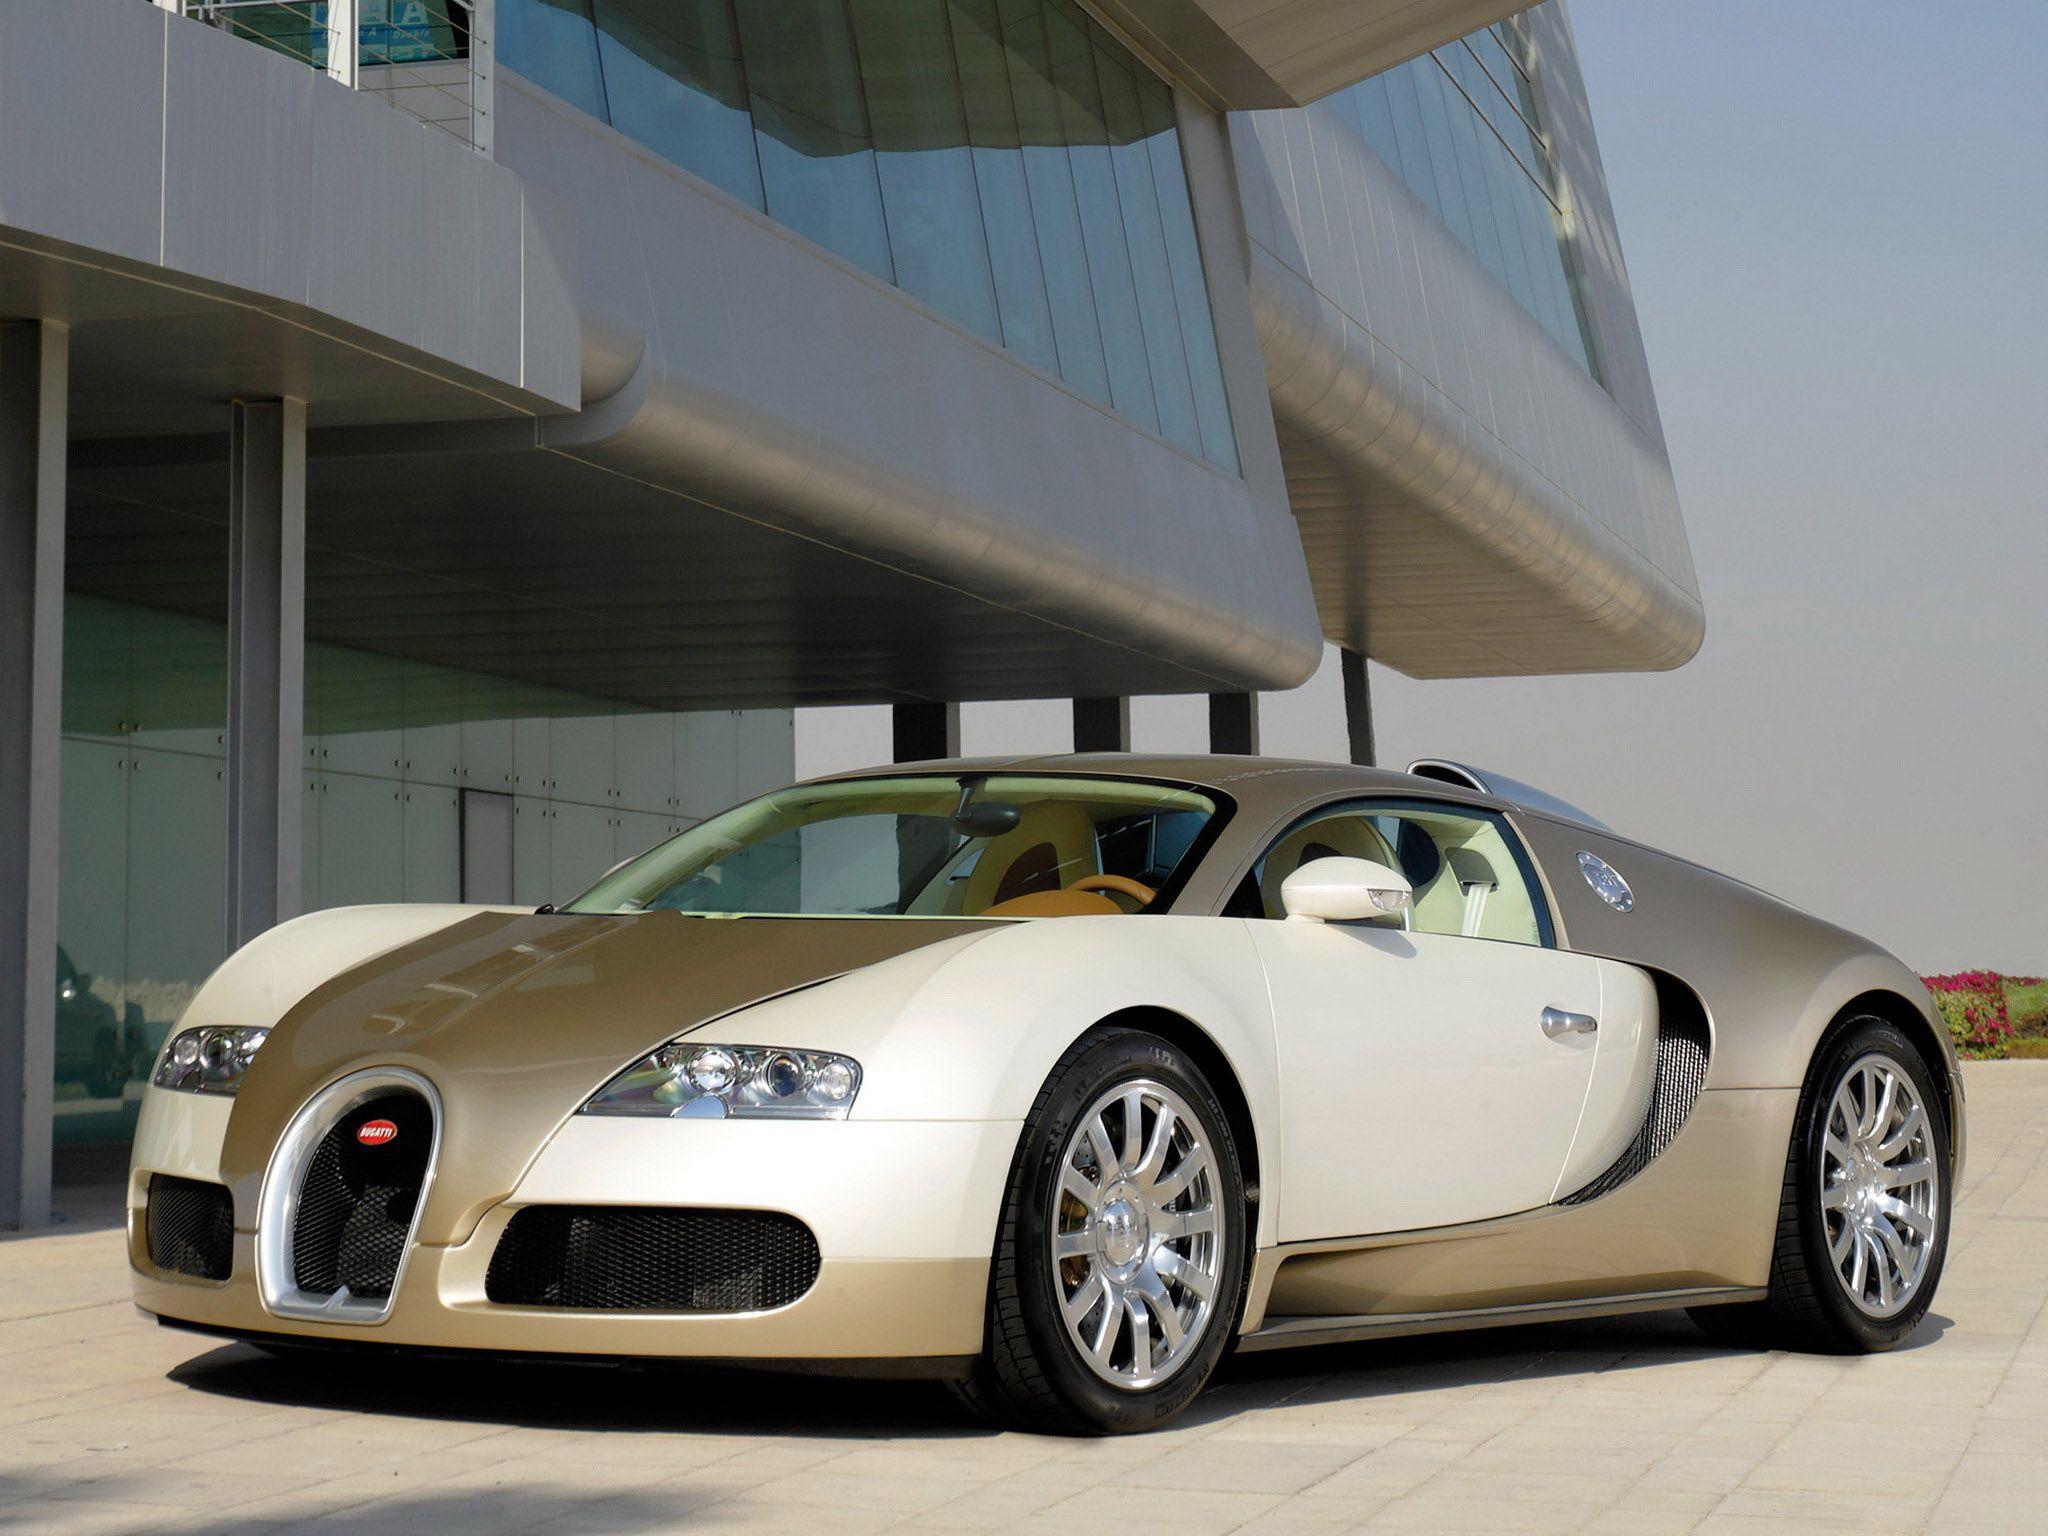 d987e9394663c81f180e551141decb4a Breathtaking Bugatti Veyron Black Bess Price Cars Trend